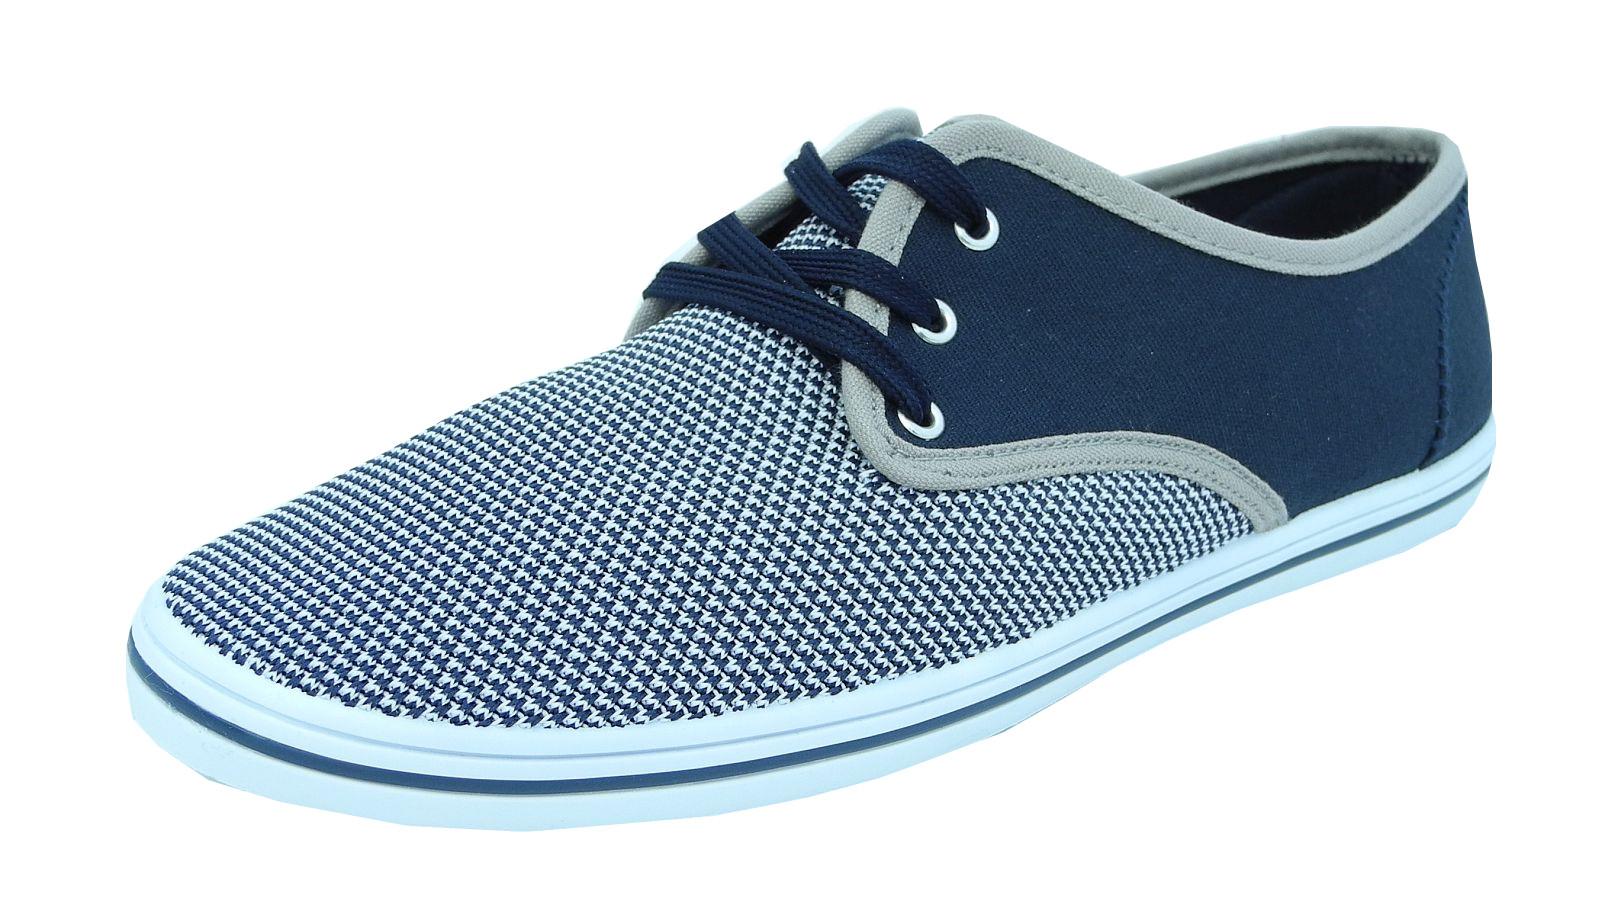 Navegar En Línea Entrega Rápida Precio Barato Sneakers blu navy per uomo Dek Falsa Línea Barata Venta Caliente De Descuento xCToSaw